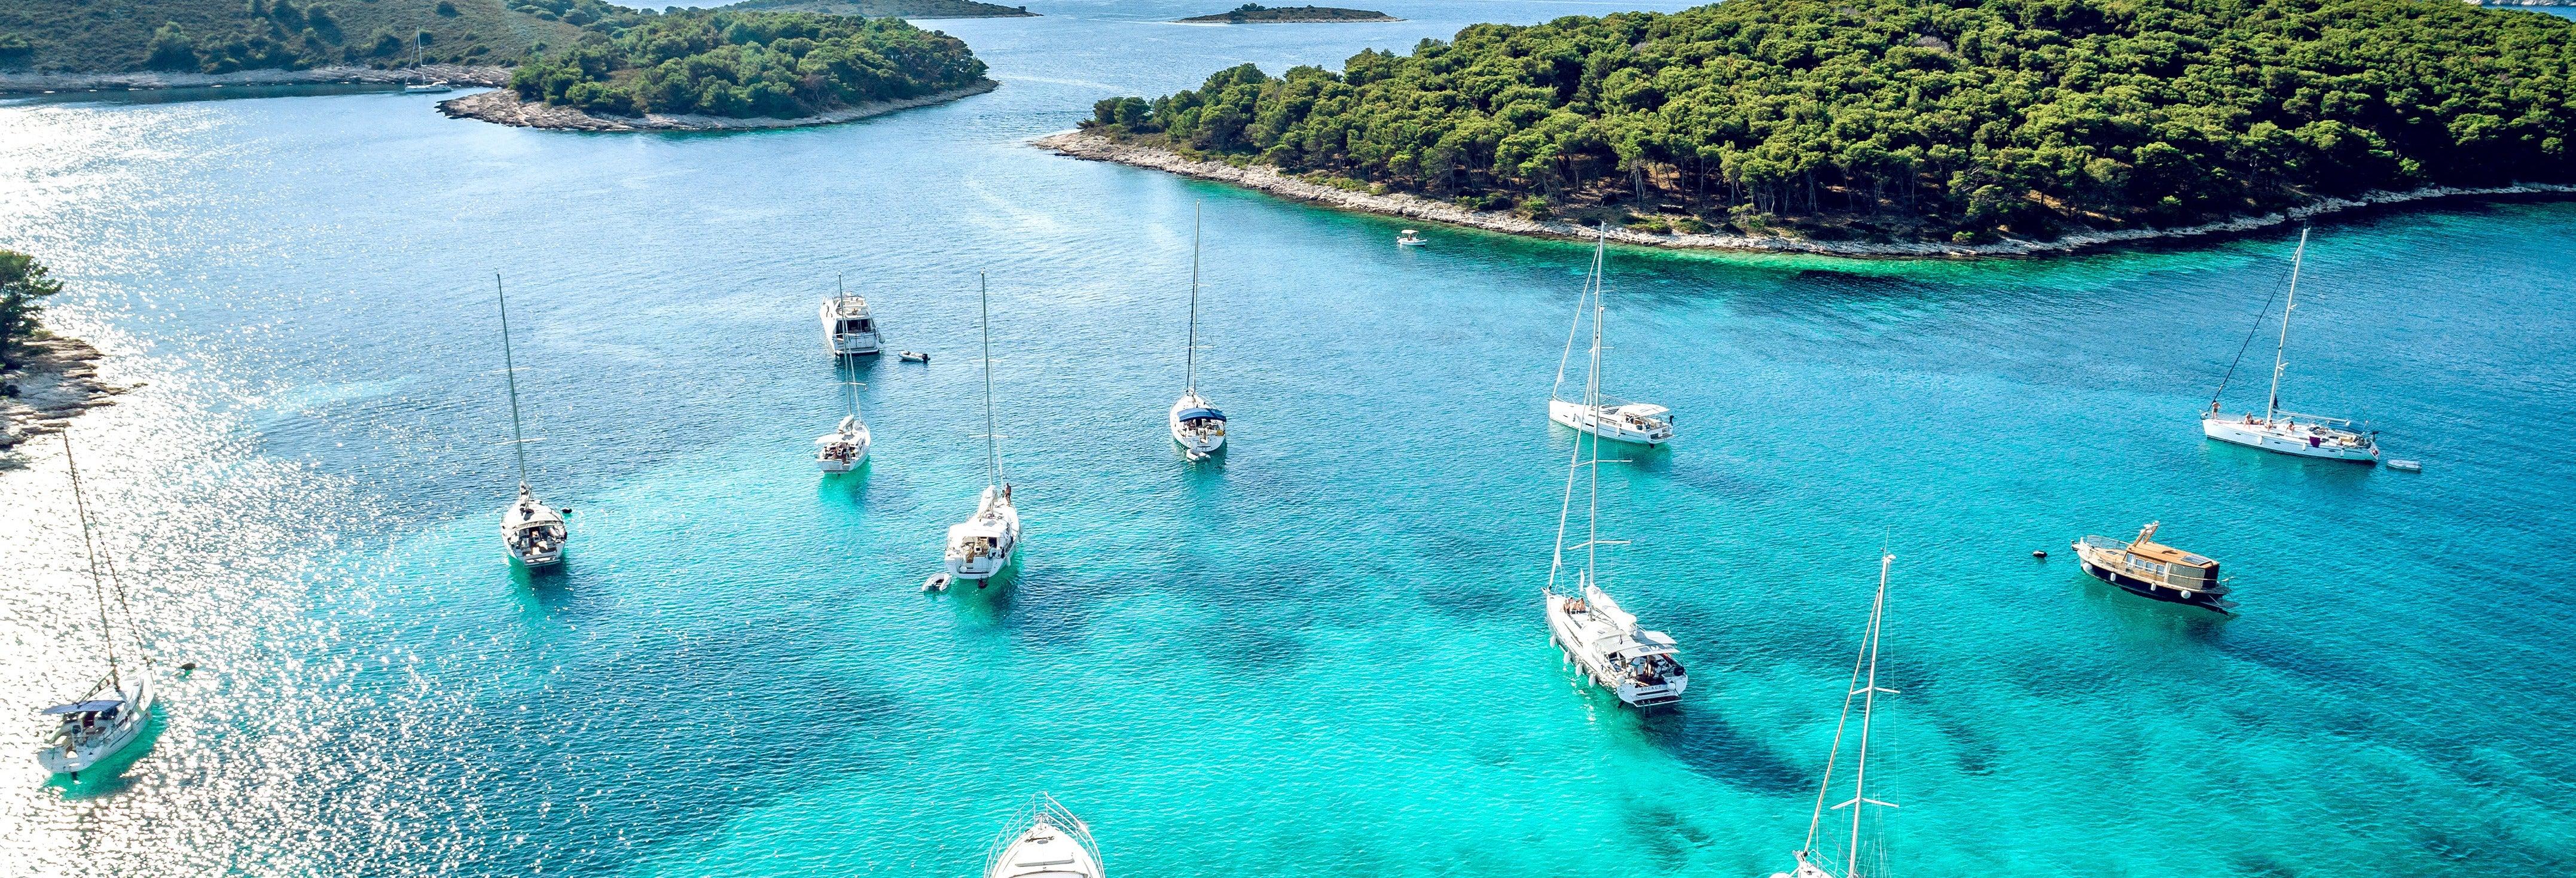 Crucero por las islas Pakleni